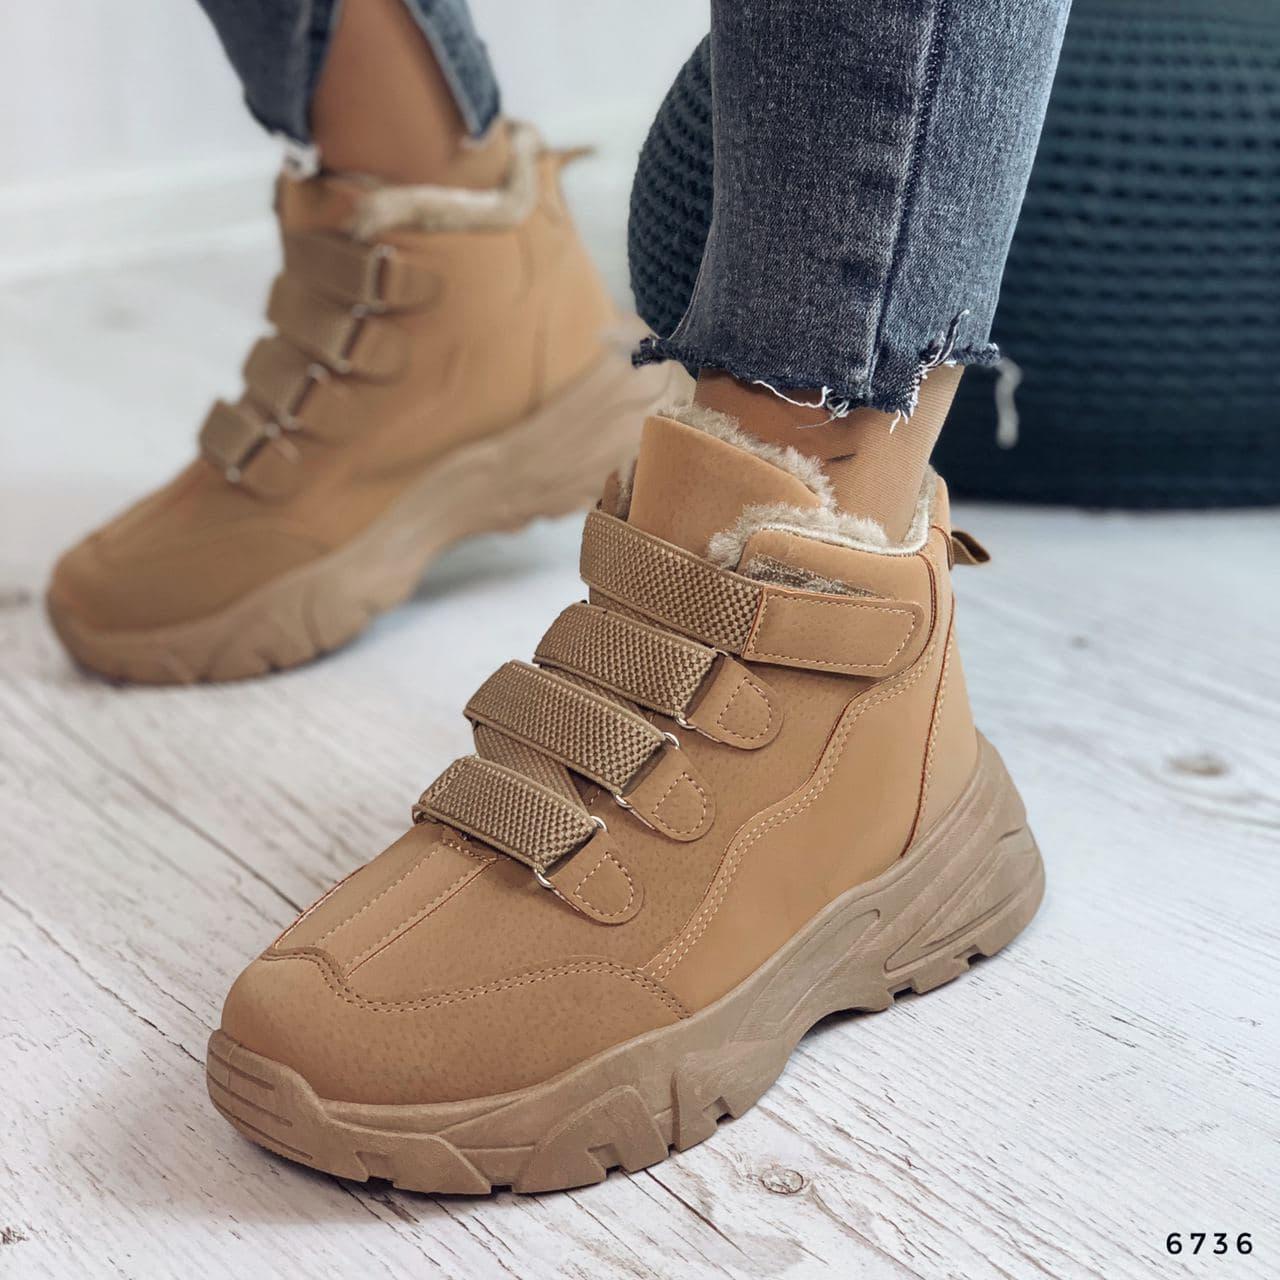 Кросівки жіночі коричневі, зимові з еко замші. Кросівки жіночі теплі коричневі на платформі